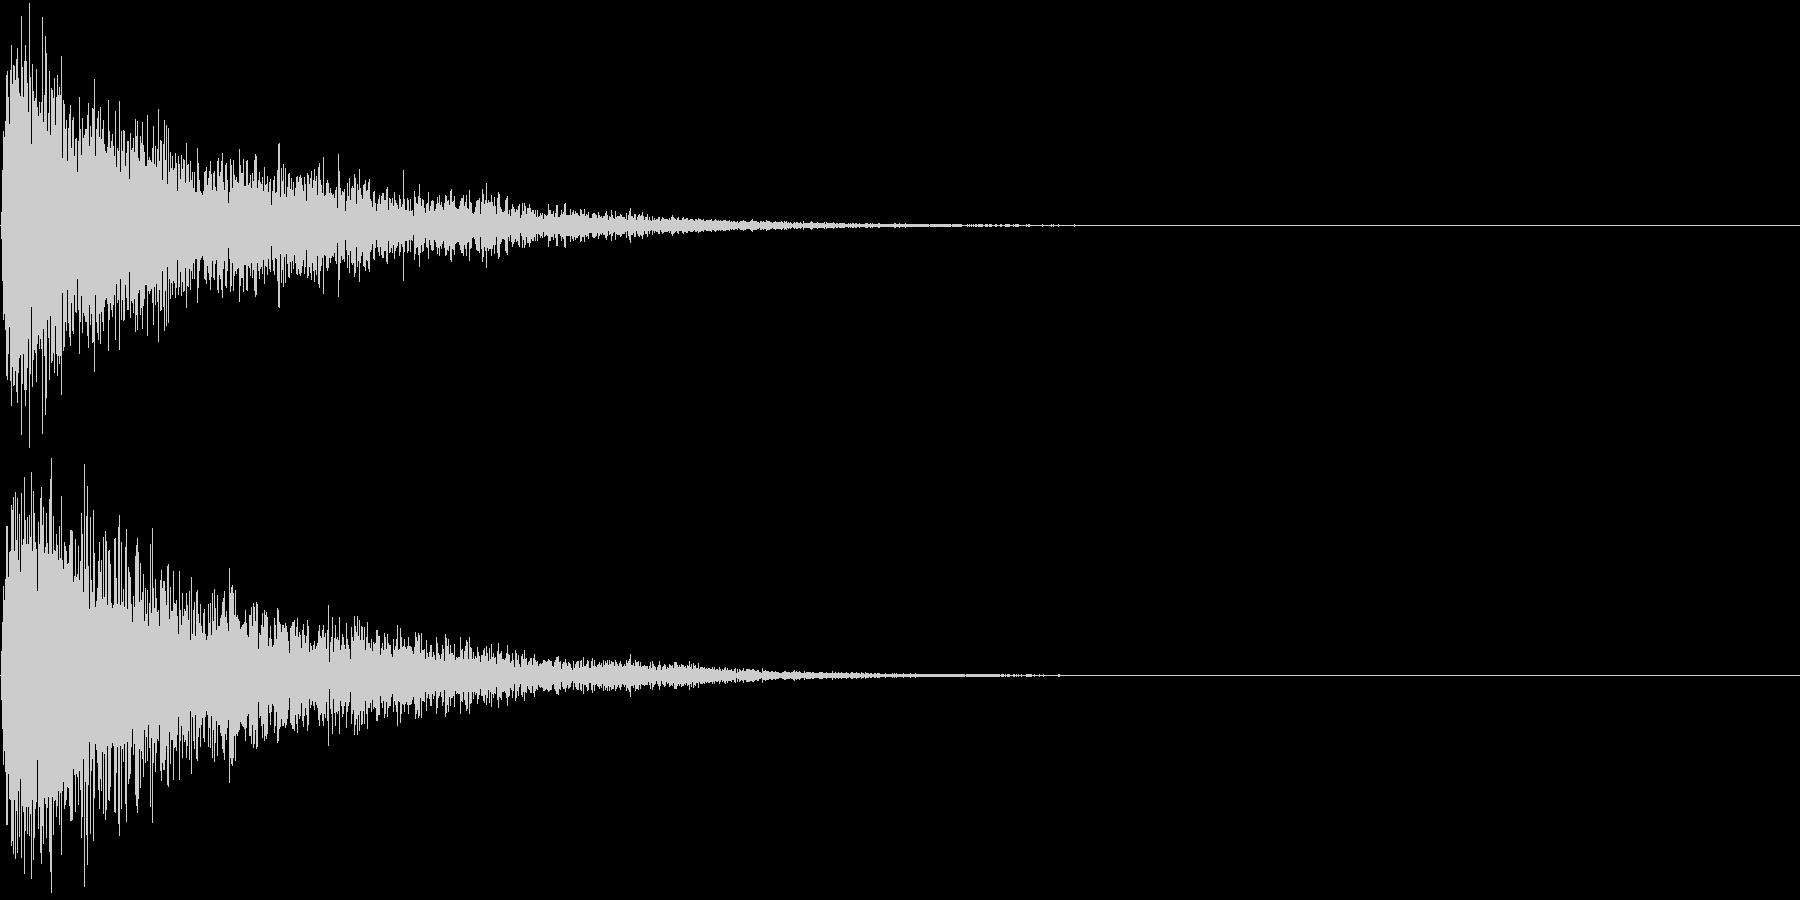 【サイバー】SFX_06 衝撃音の未再生の波形